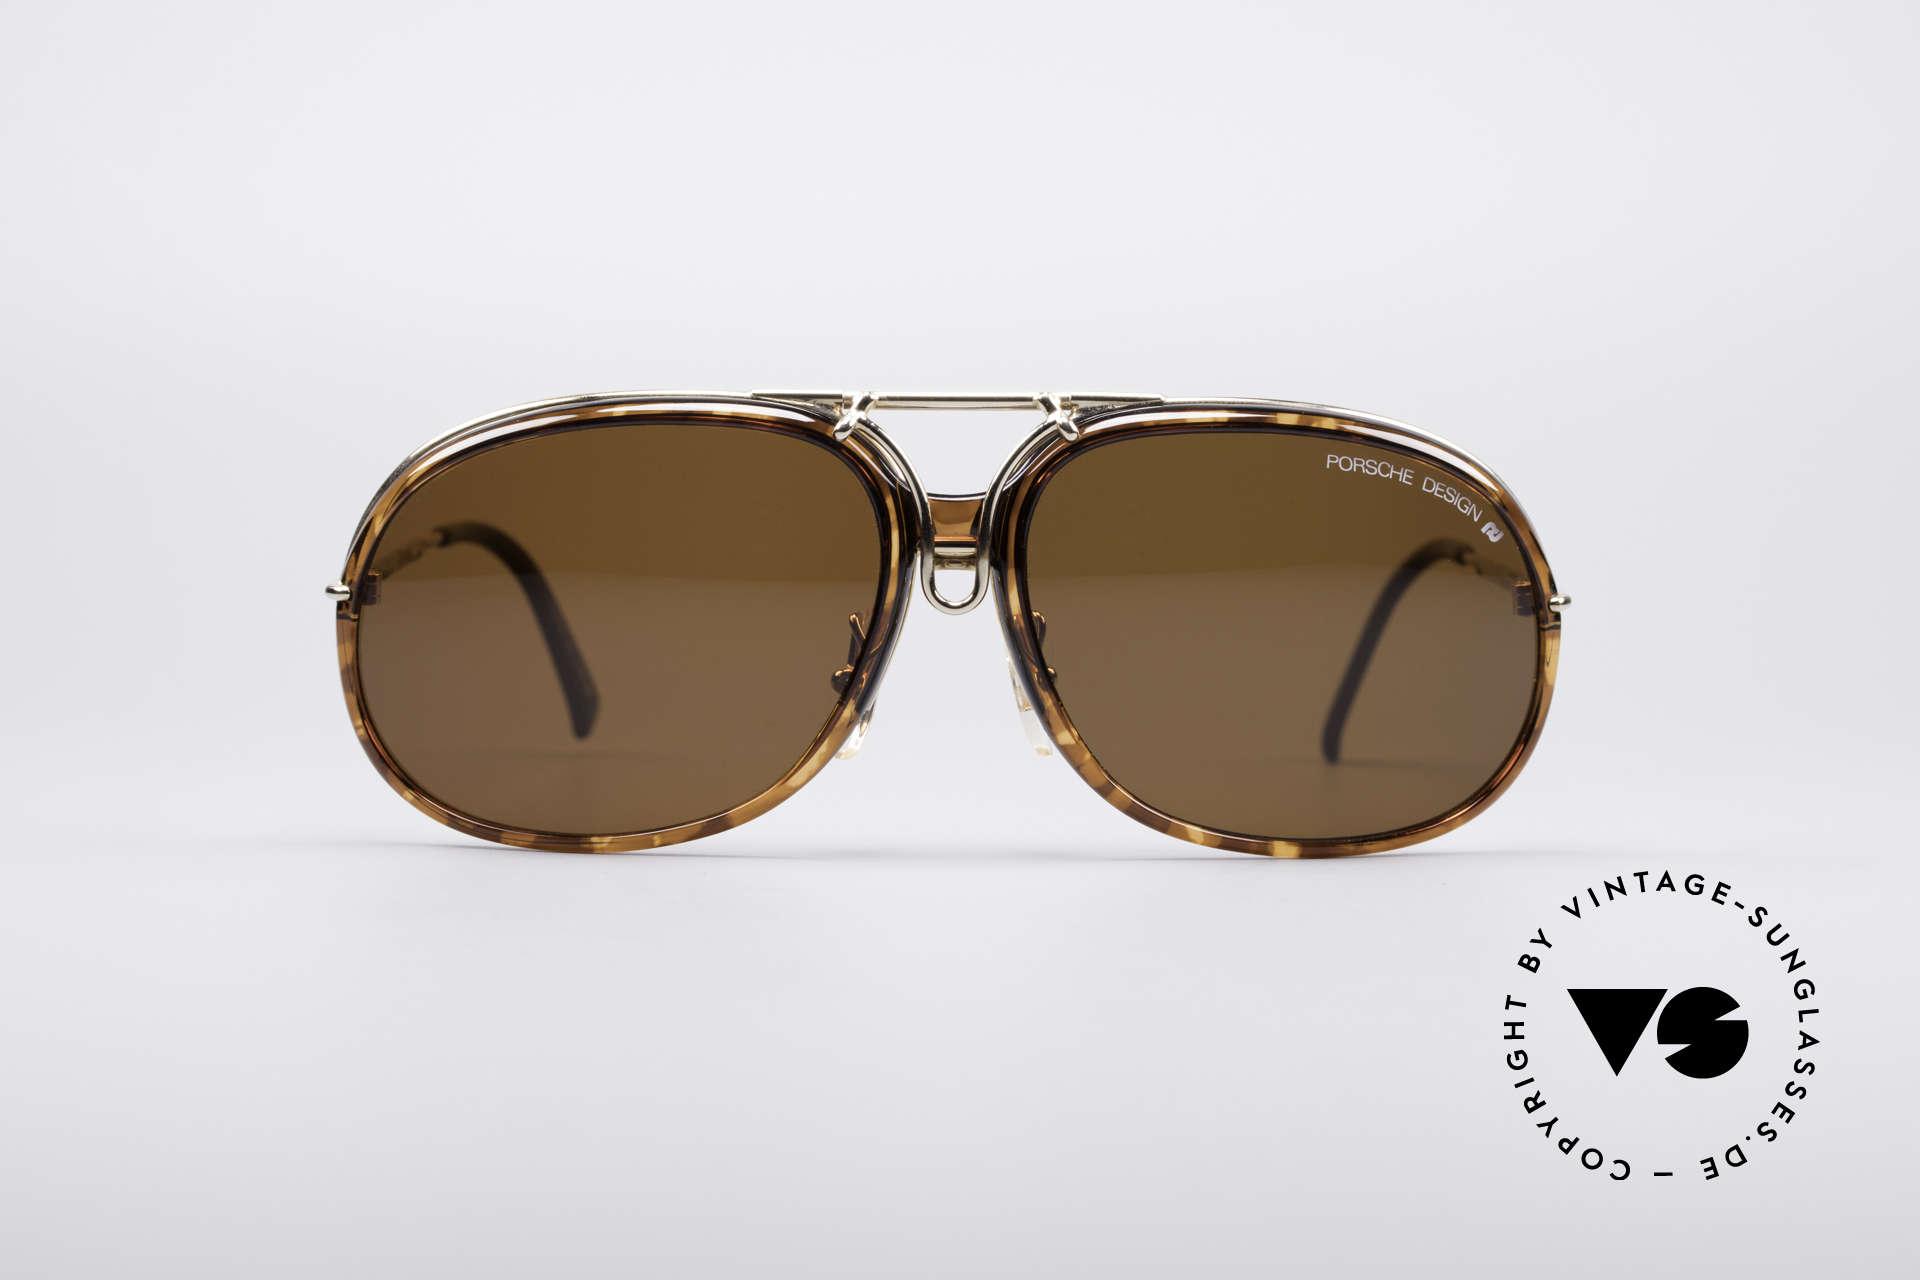 Porsche 3 in 1 Small 5631 + 5632 + 5633, thus, three sunglasses in one! (brilliant and rare), Made for Women